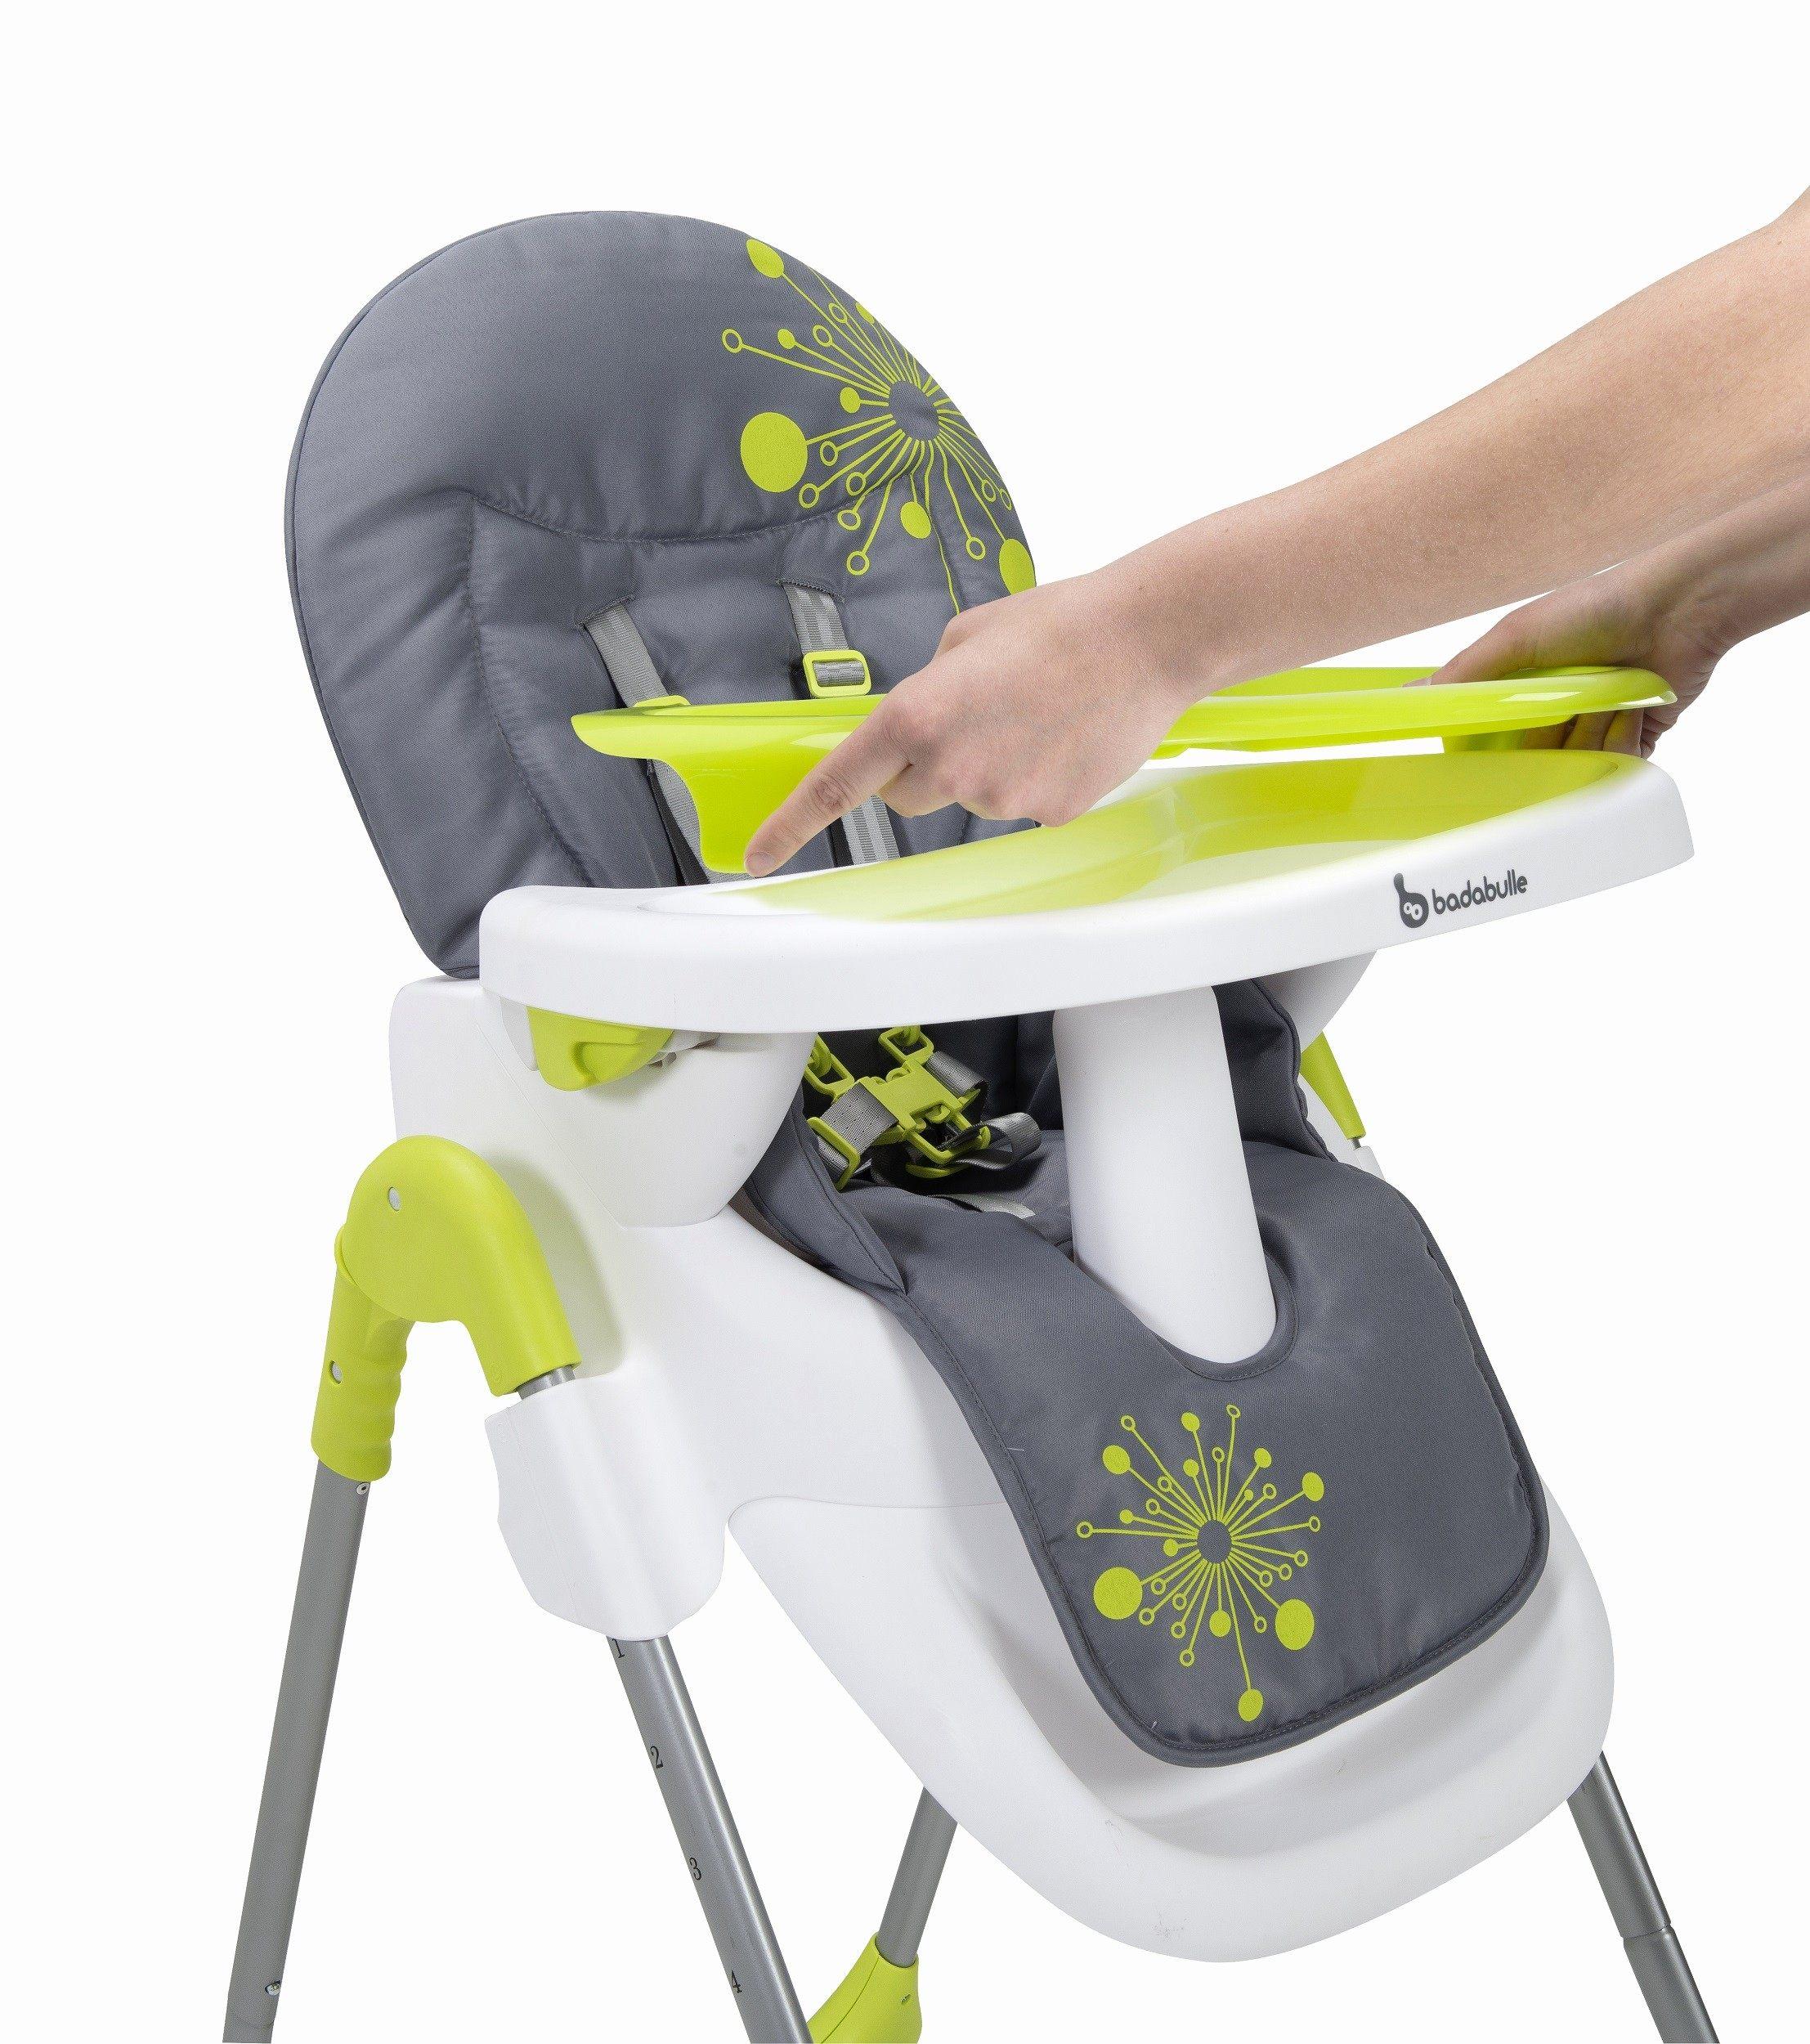 Lit Bébé Confort Élégant Chaise Percé Chaise Haute Bébé Baignoire Haute Bébé Luxe Parc B C3